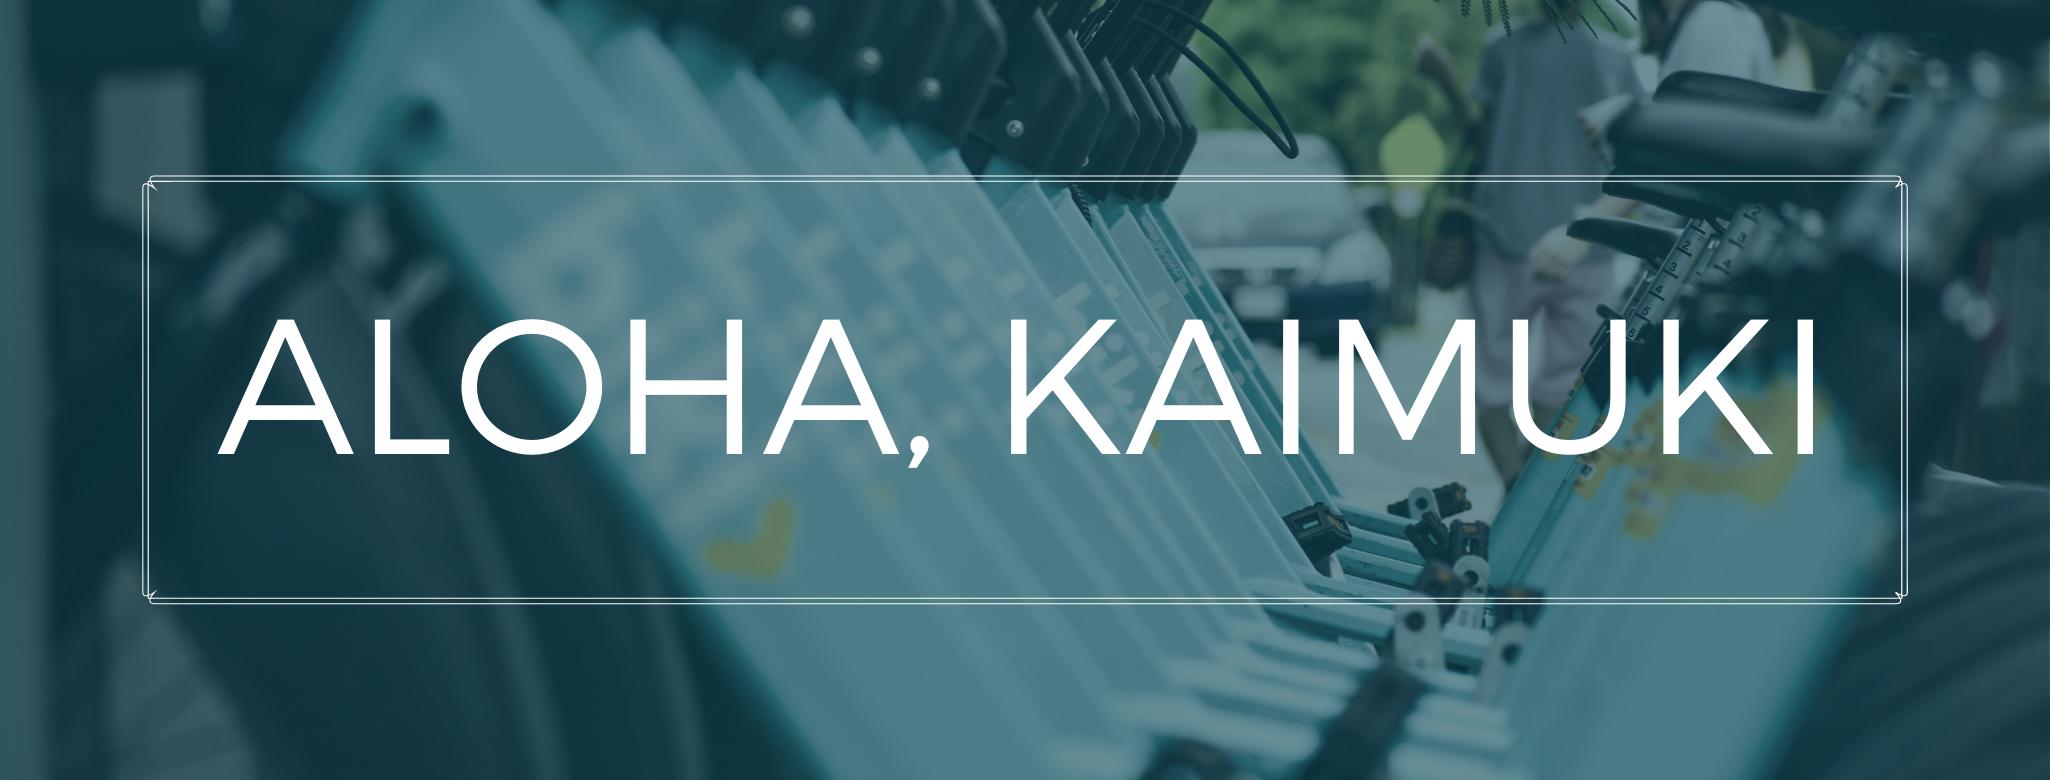 Aloha, Kaimuki